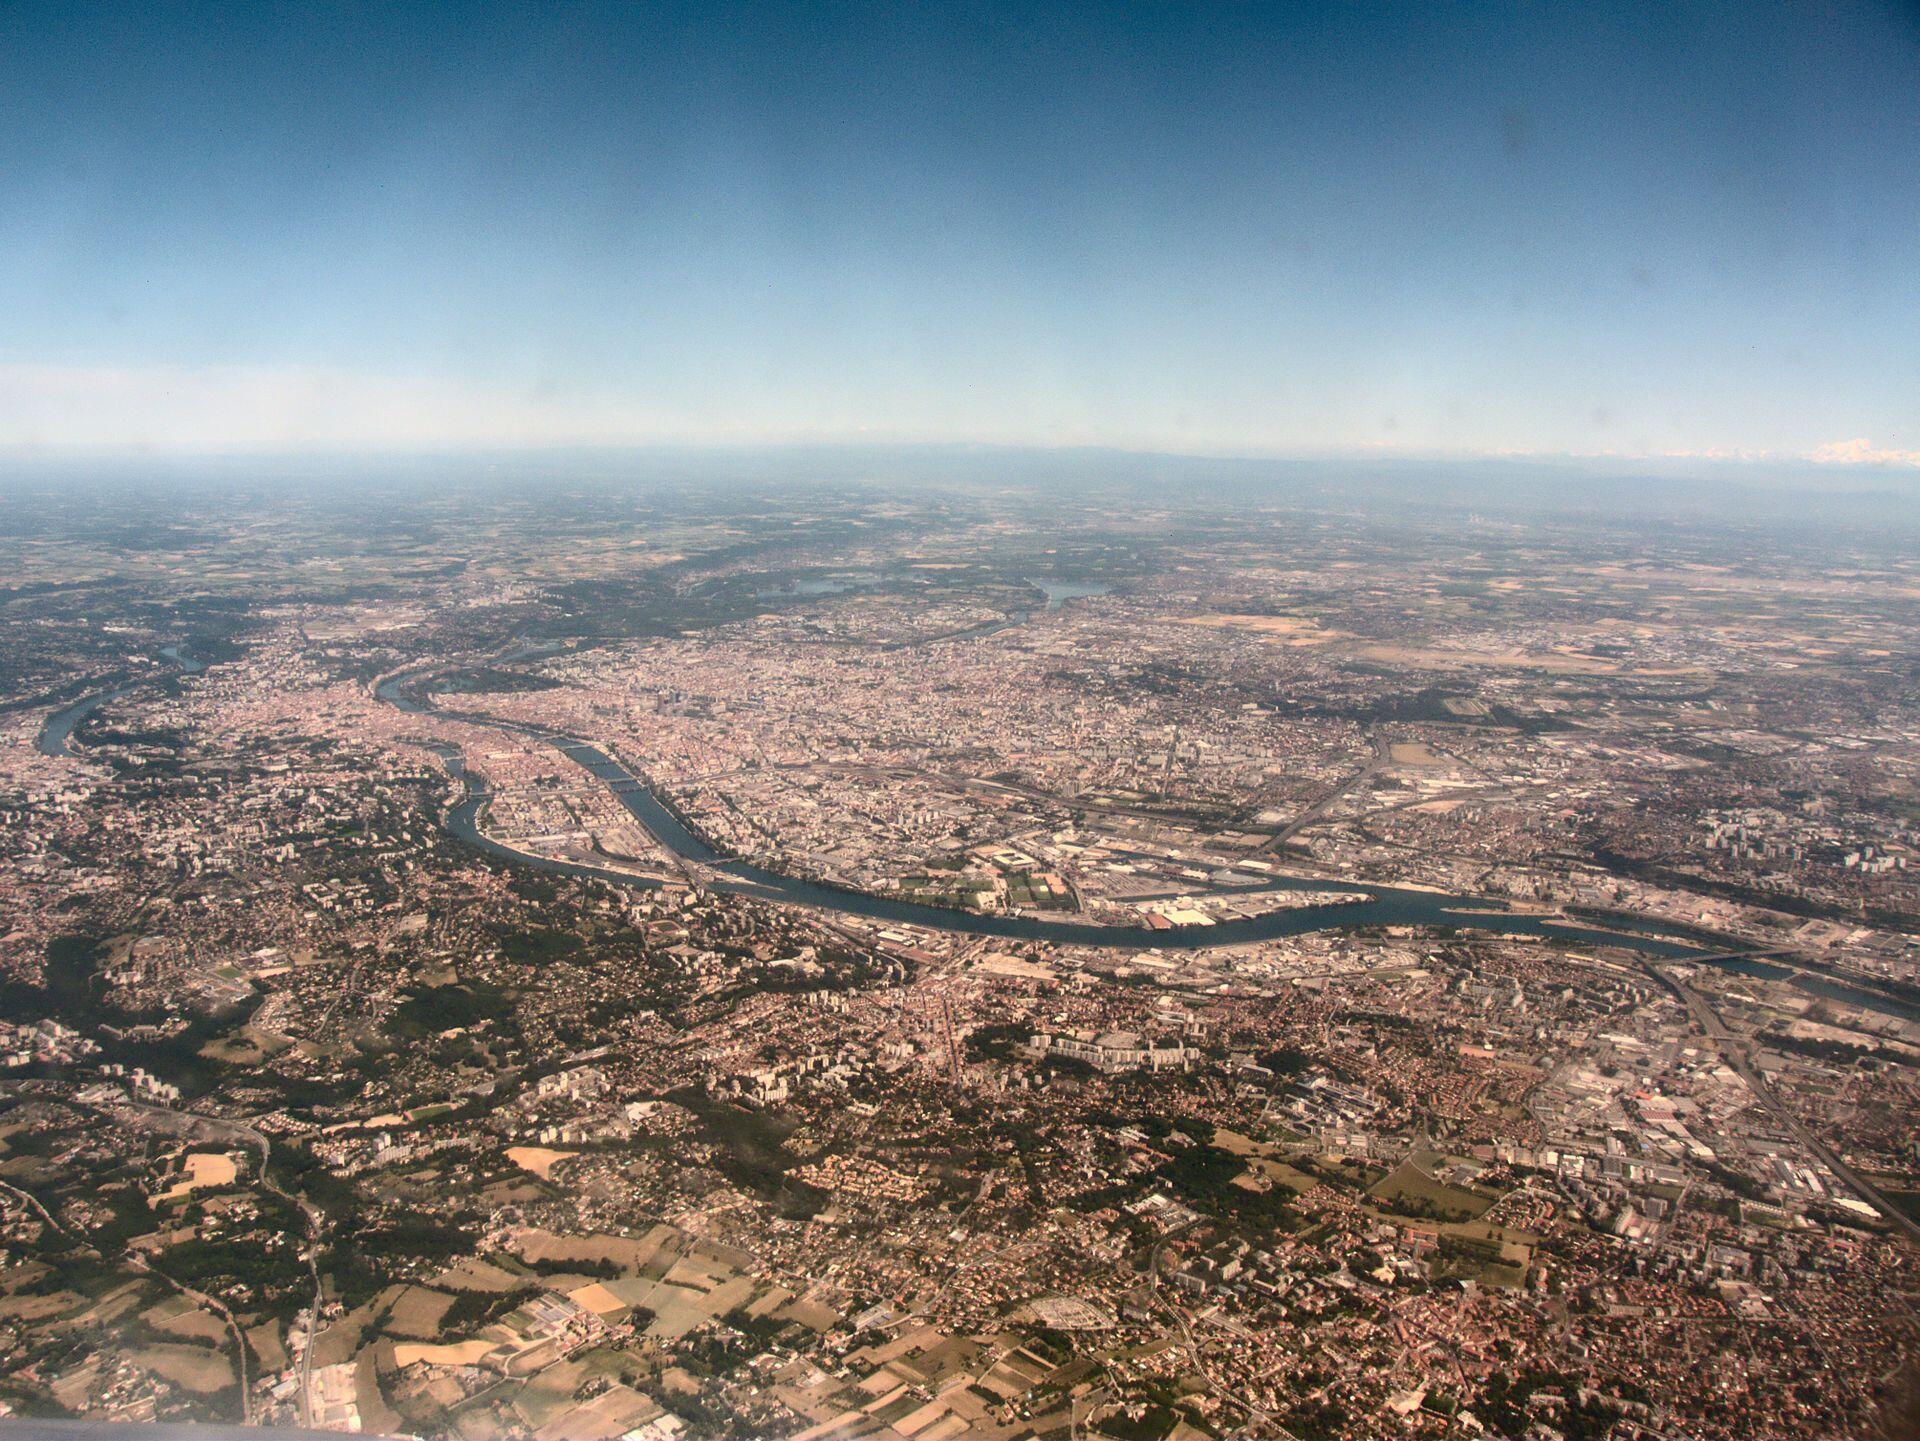 Vue aérienne de l'agglomération lyonnaise.